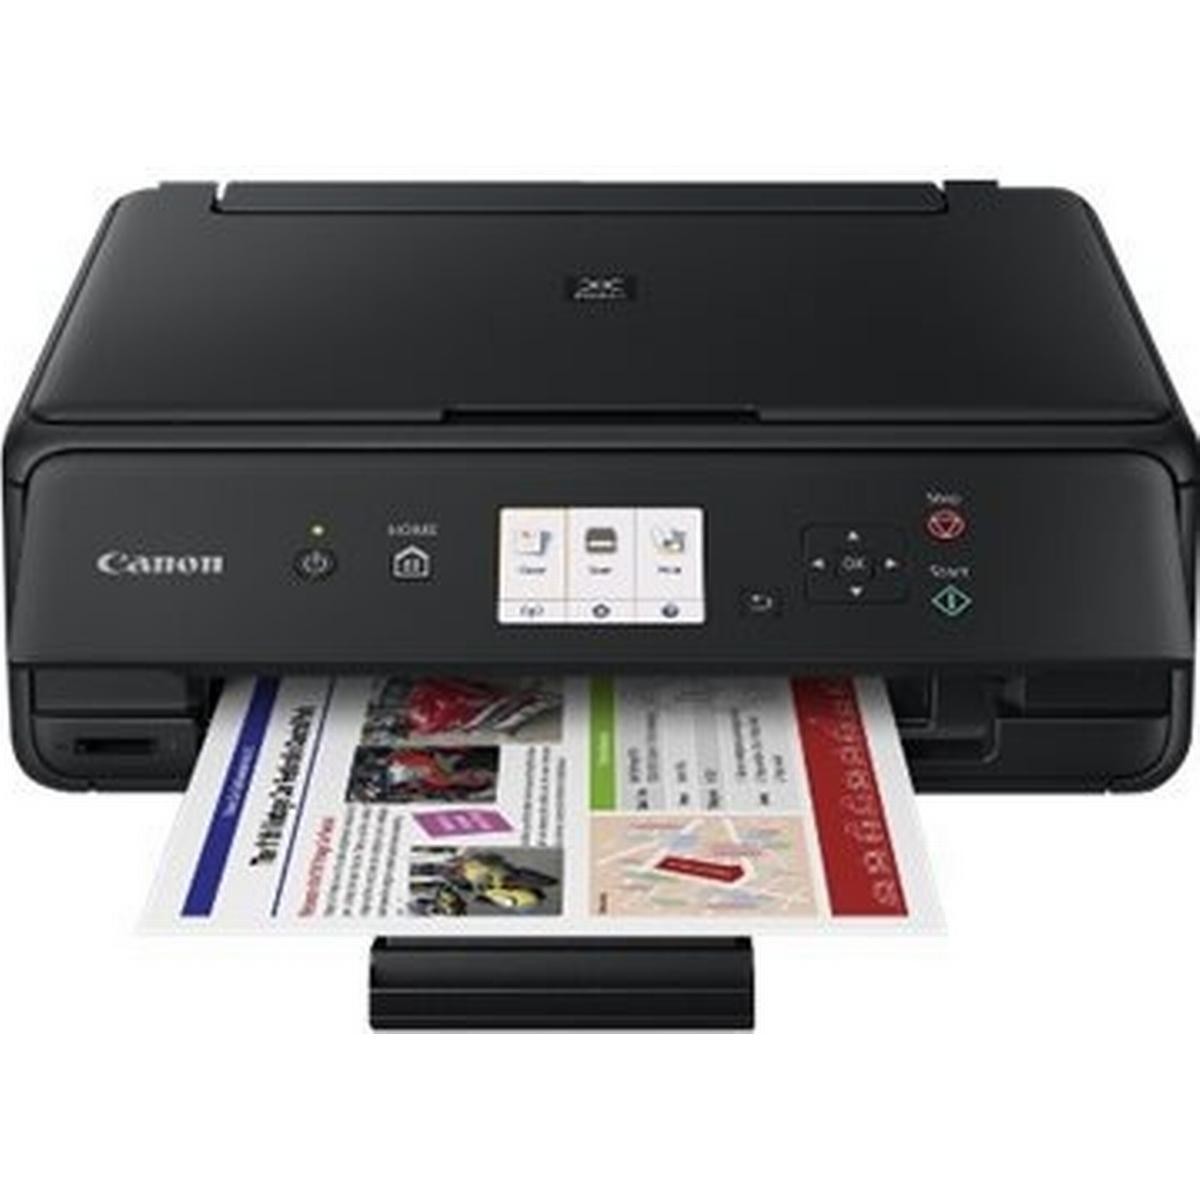 Moderne Printer - Sammenlign priser på printere hos PriceRunner PU-84